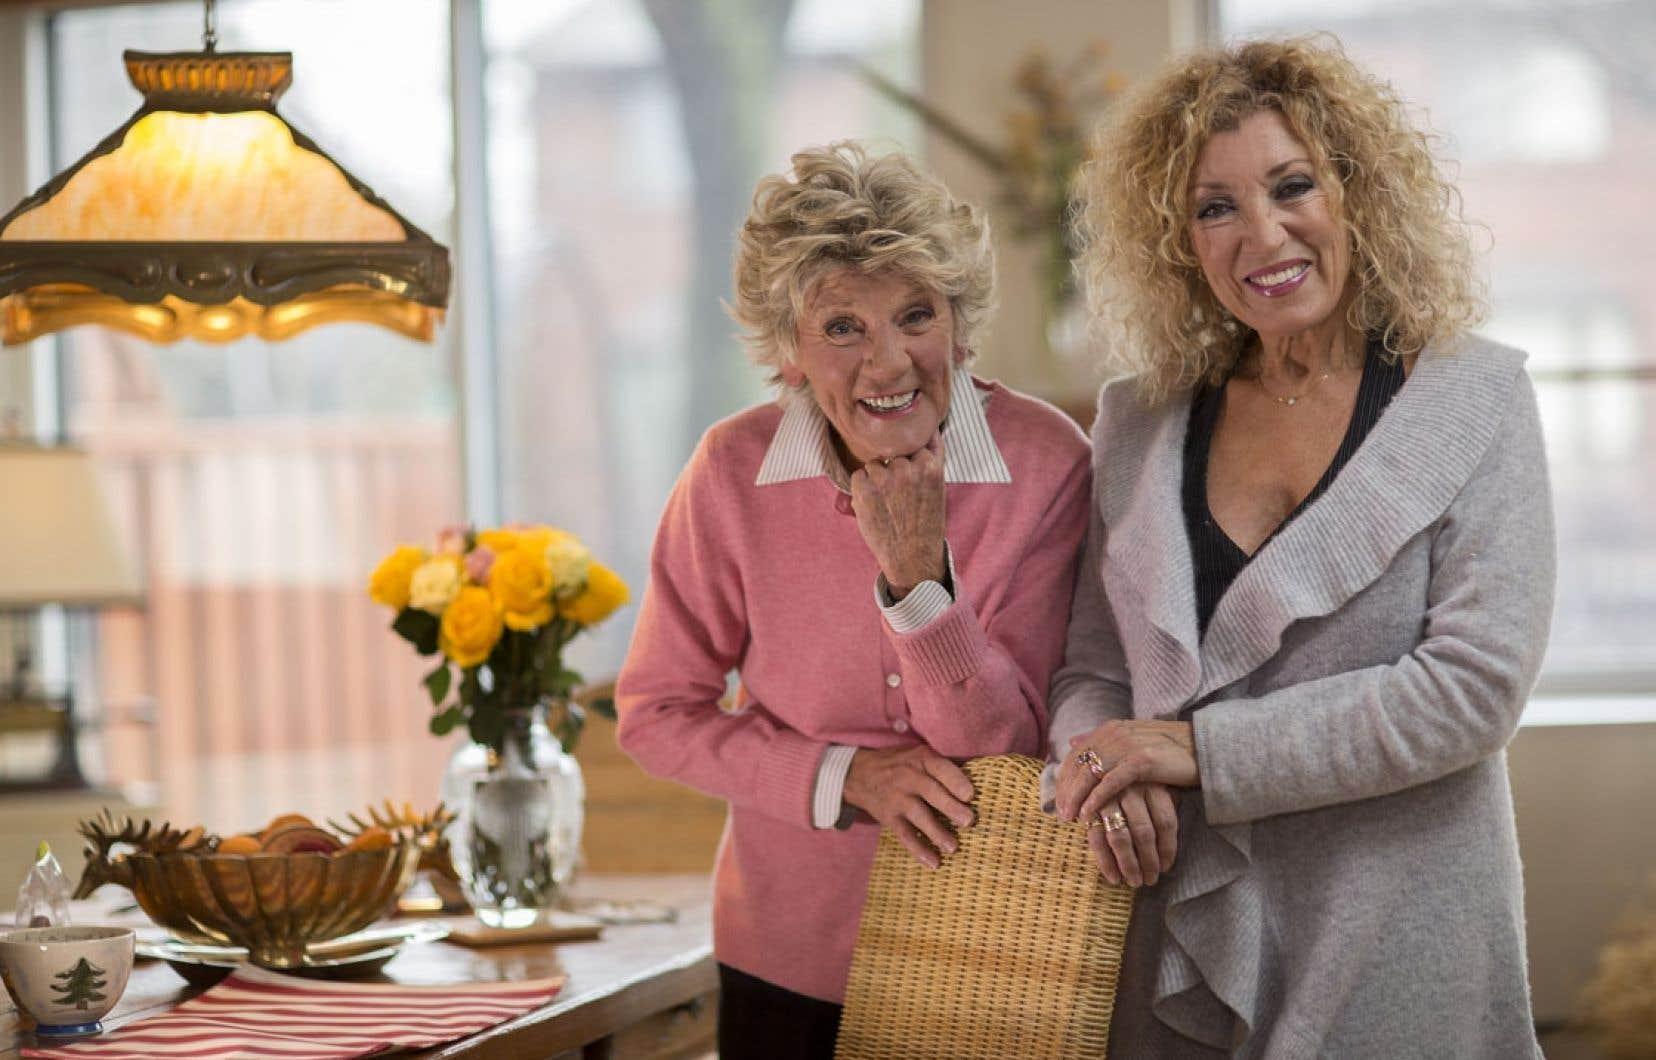 Clémence DesRochers et Marie-Michèle Desrosiers promettent non pas un spectacle «de matantes», mais bien «un show de mottons», puisque émotions et tendresse seront au rendez-vous.